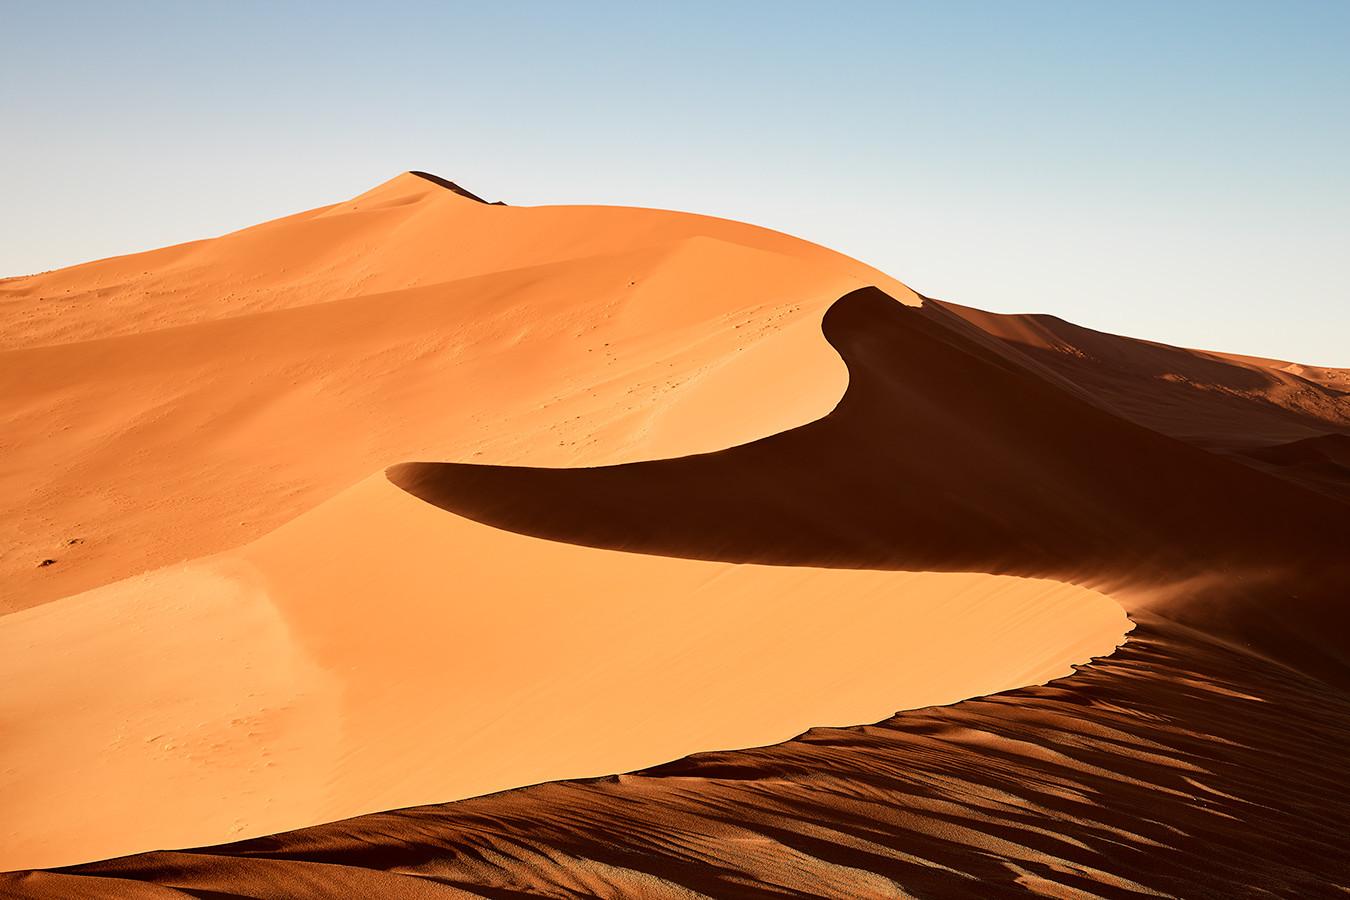 hohe orange-goldenen Sanddünen im Hintergrund ein strahlend blauer Himmel